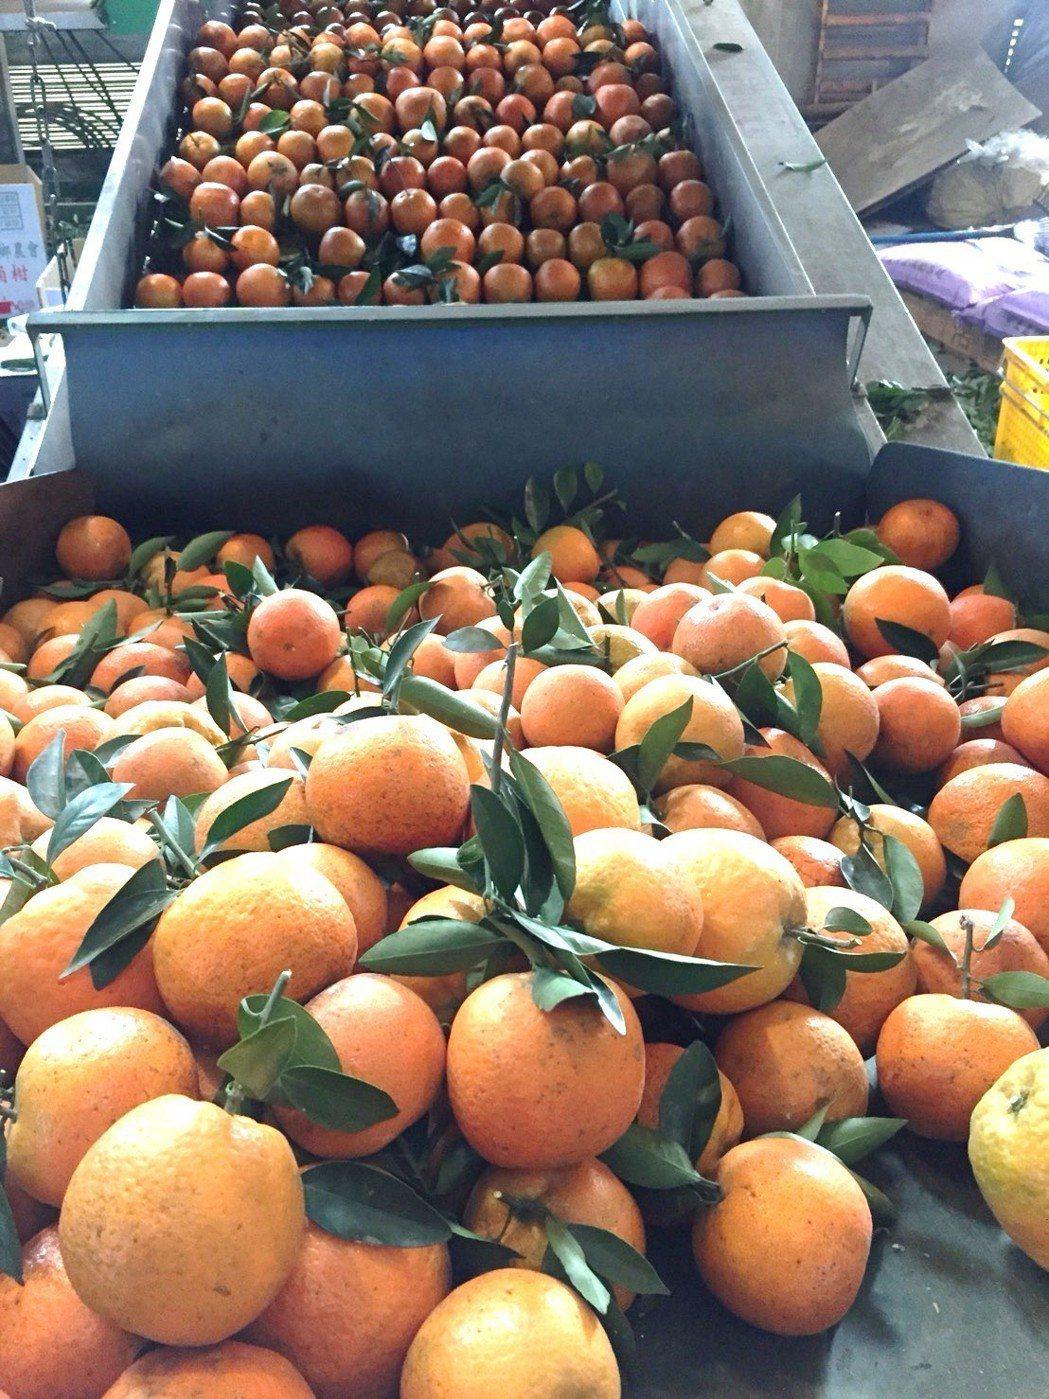 新竹縣峨眉鄉的所產的桶柑有「柑橘之王」的美名,果實碩大且多汁。 記者黃淑惠/攝影